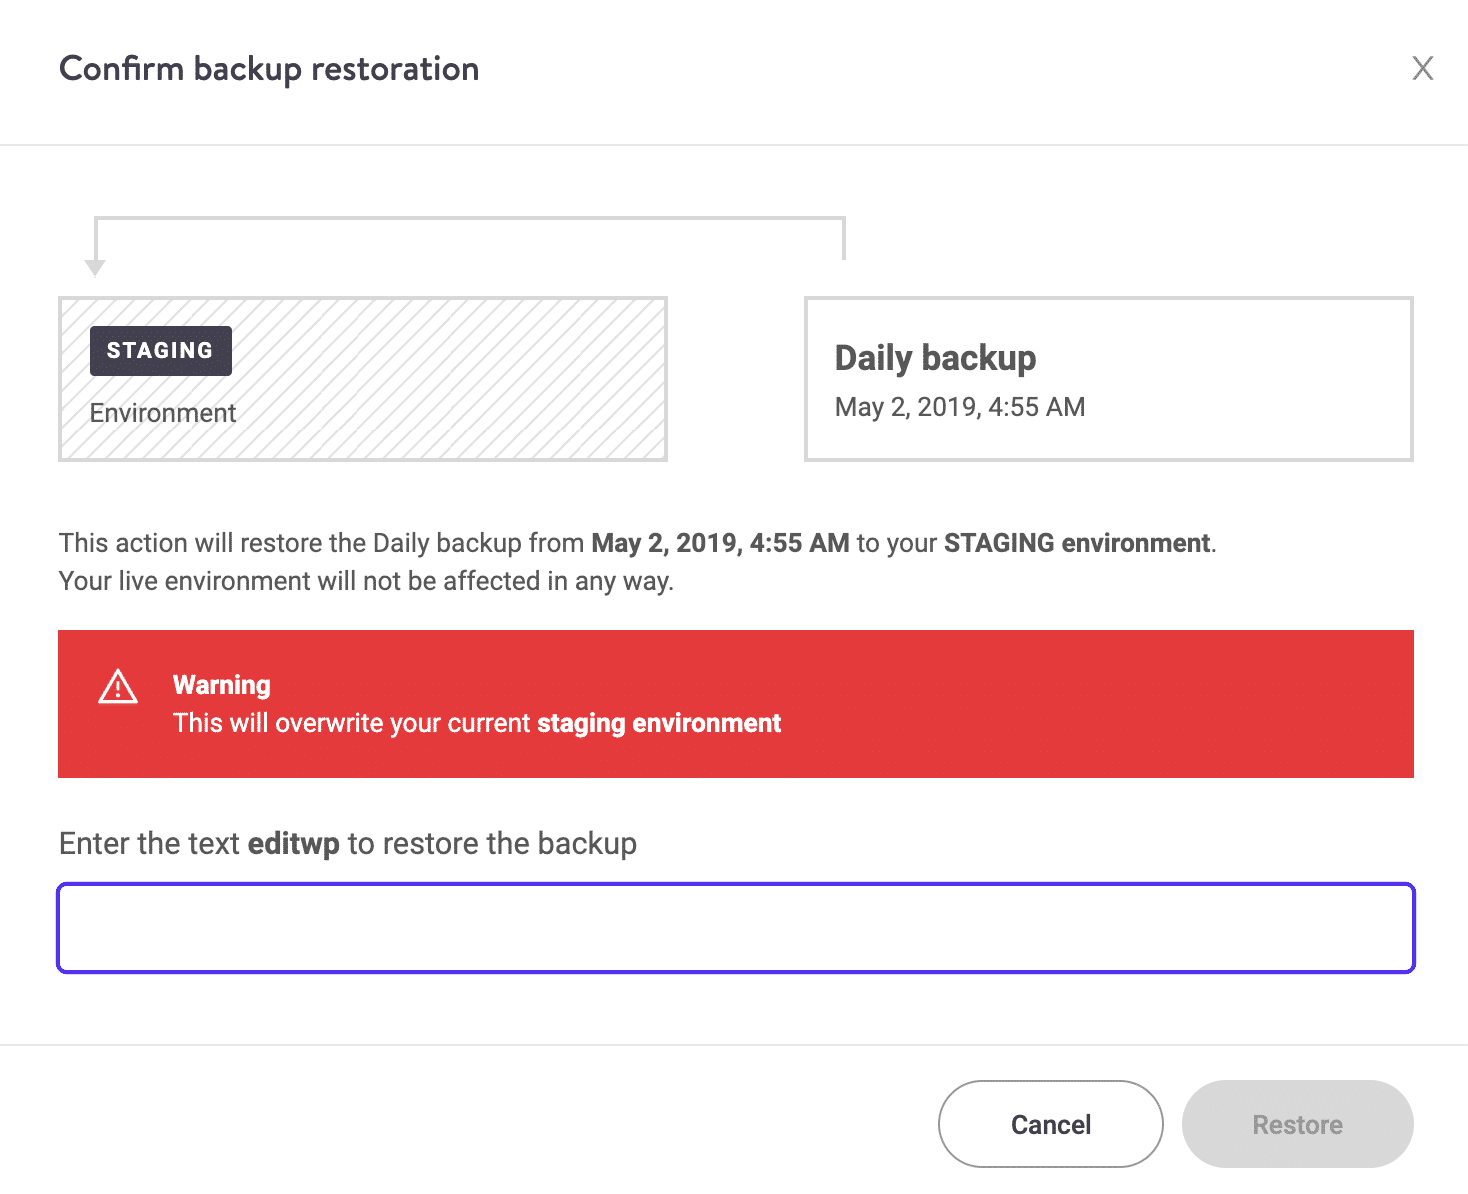 Confirme la restauración del respaldo de WordPress al entorno de prueba